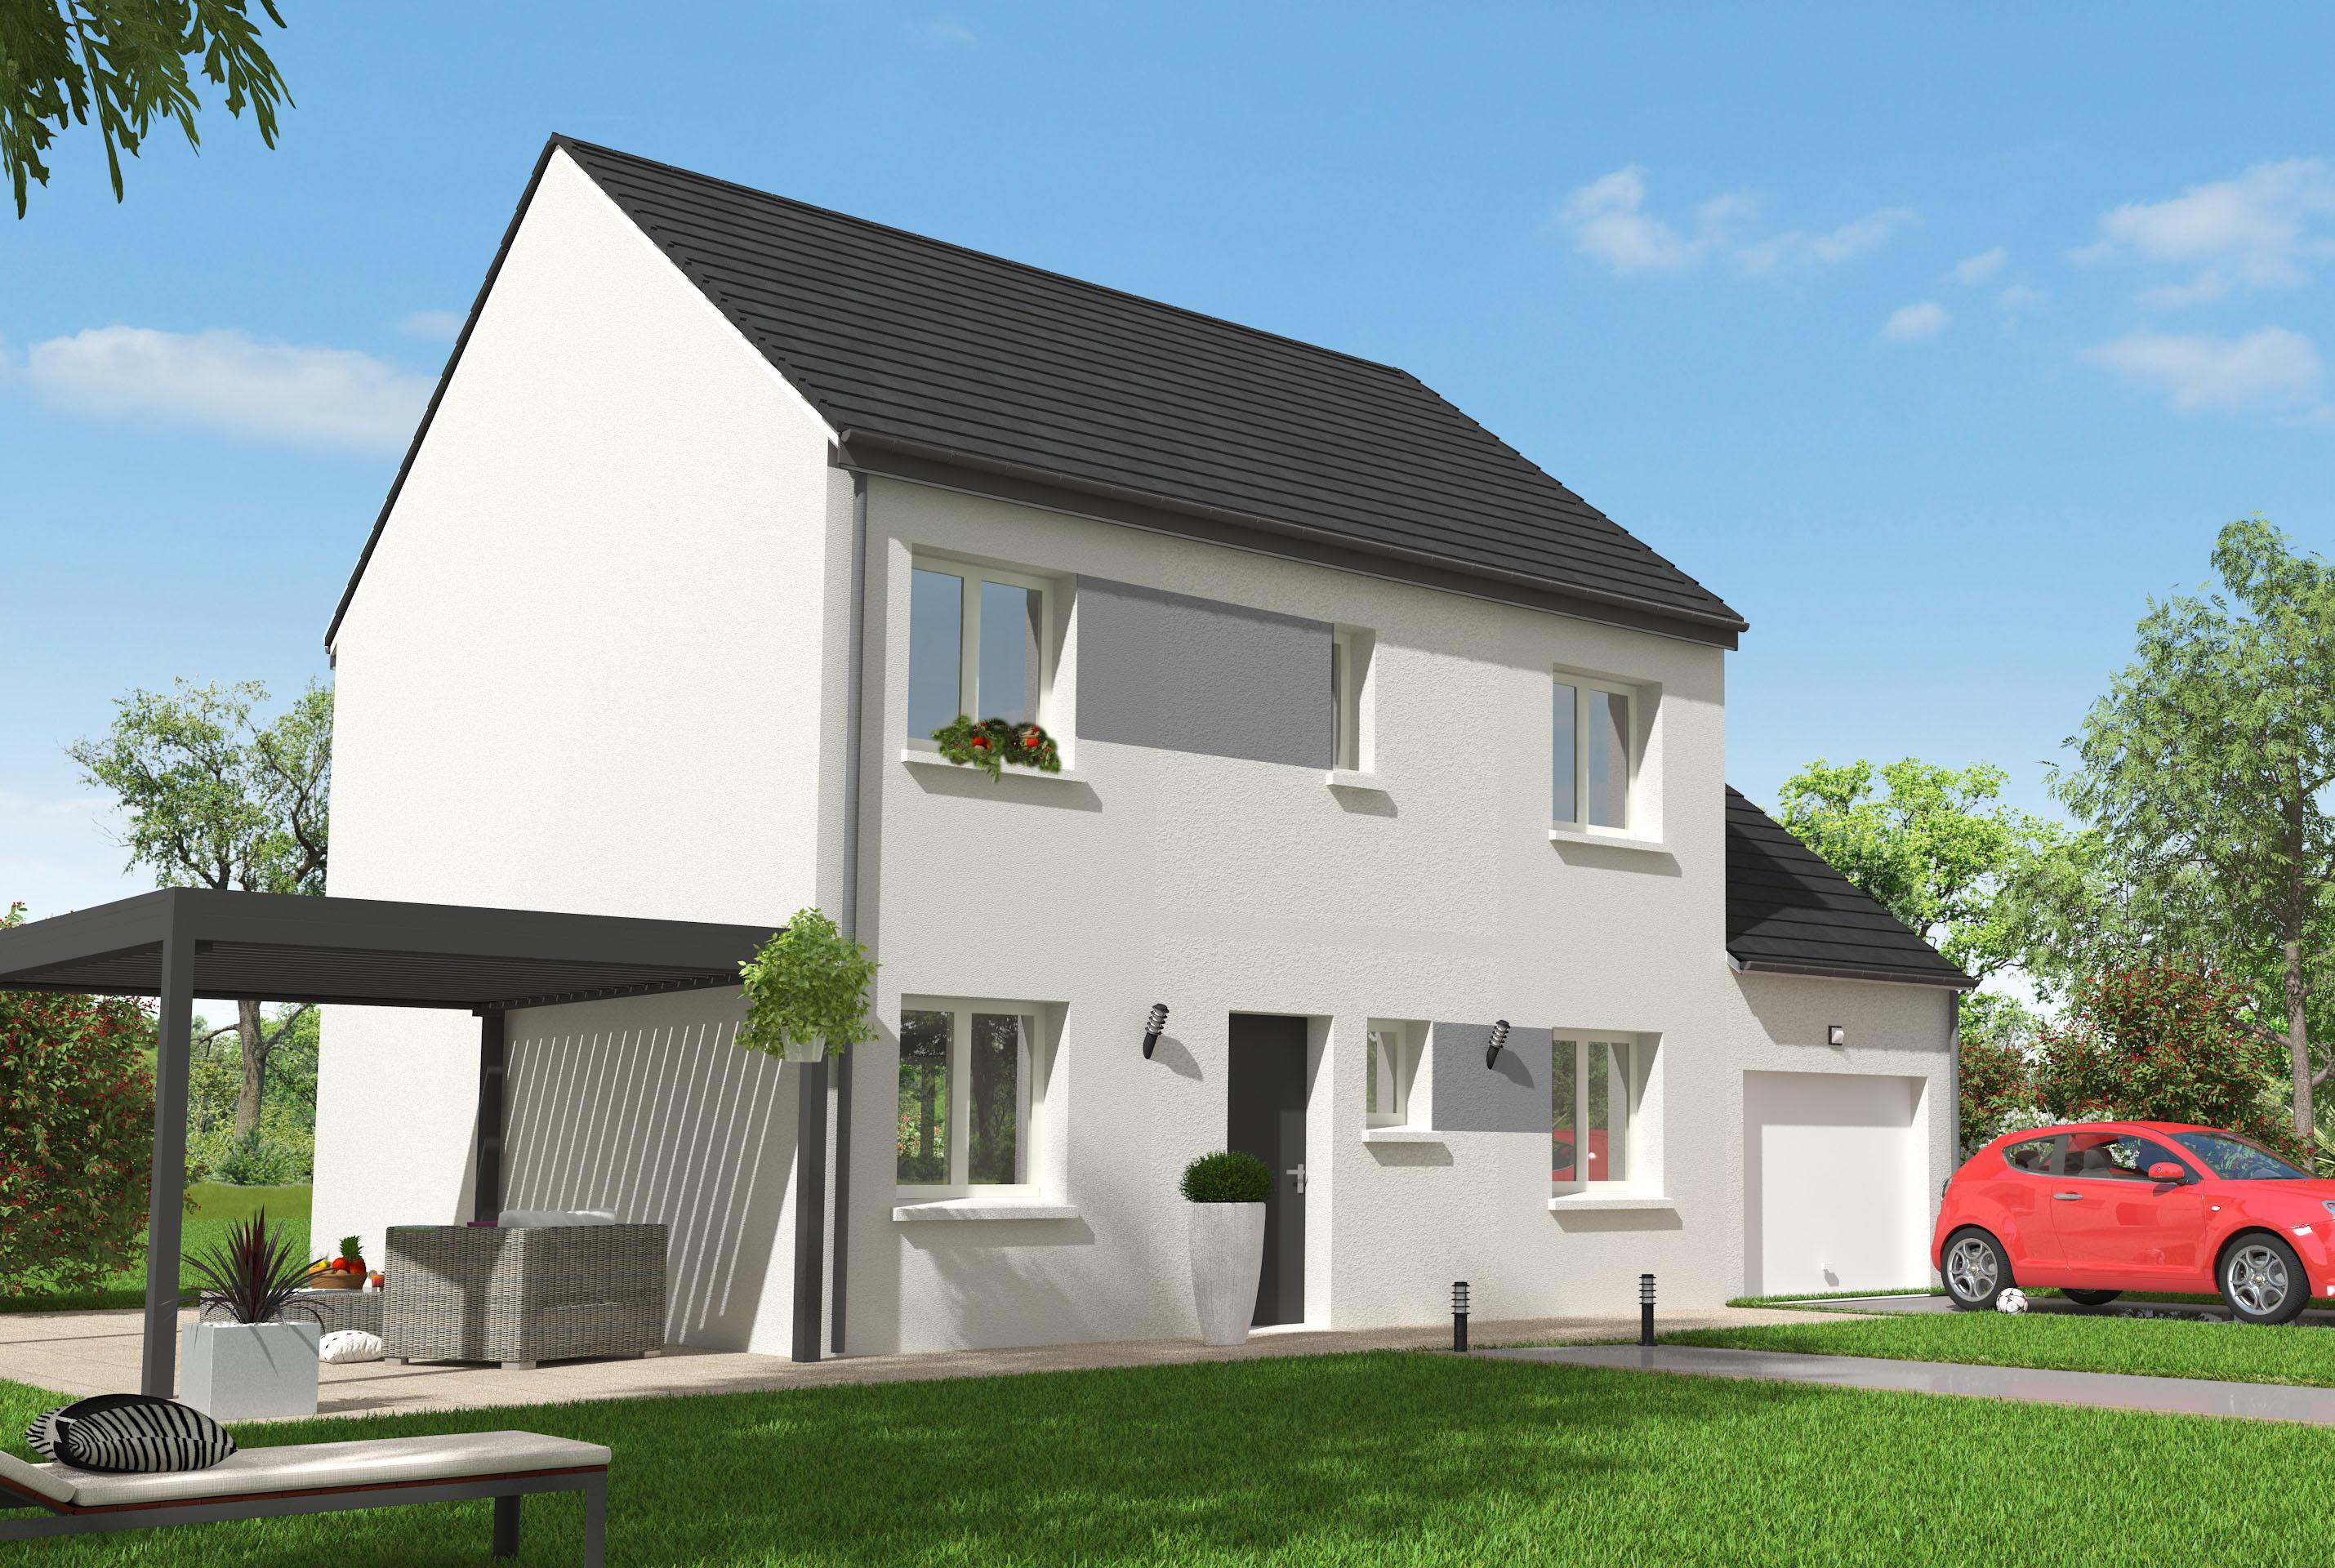 Maisons + Terrains du constructeur MAISON 7 SENS • 106 m² • BOISSY SOUS SAINT YON